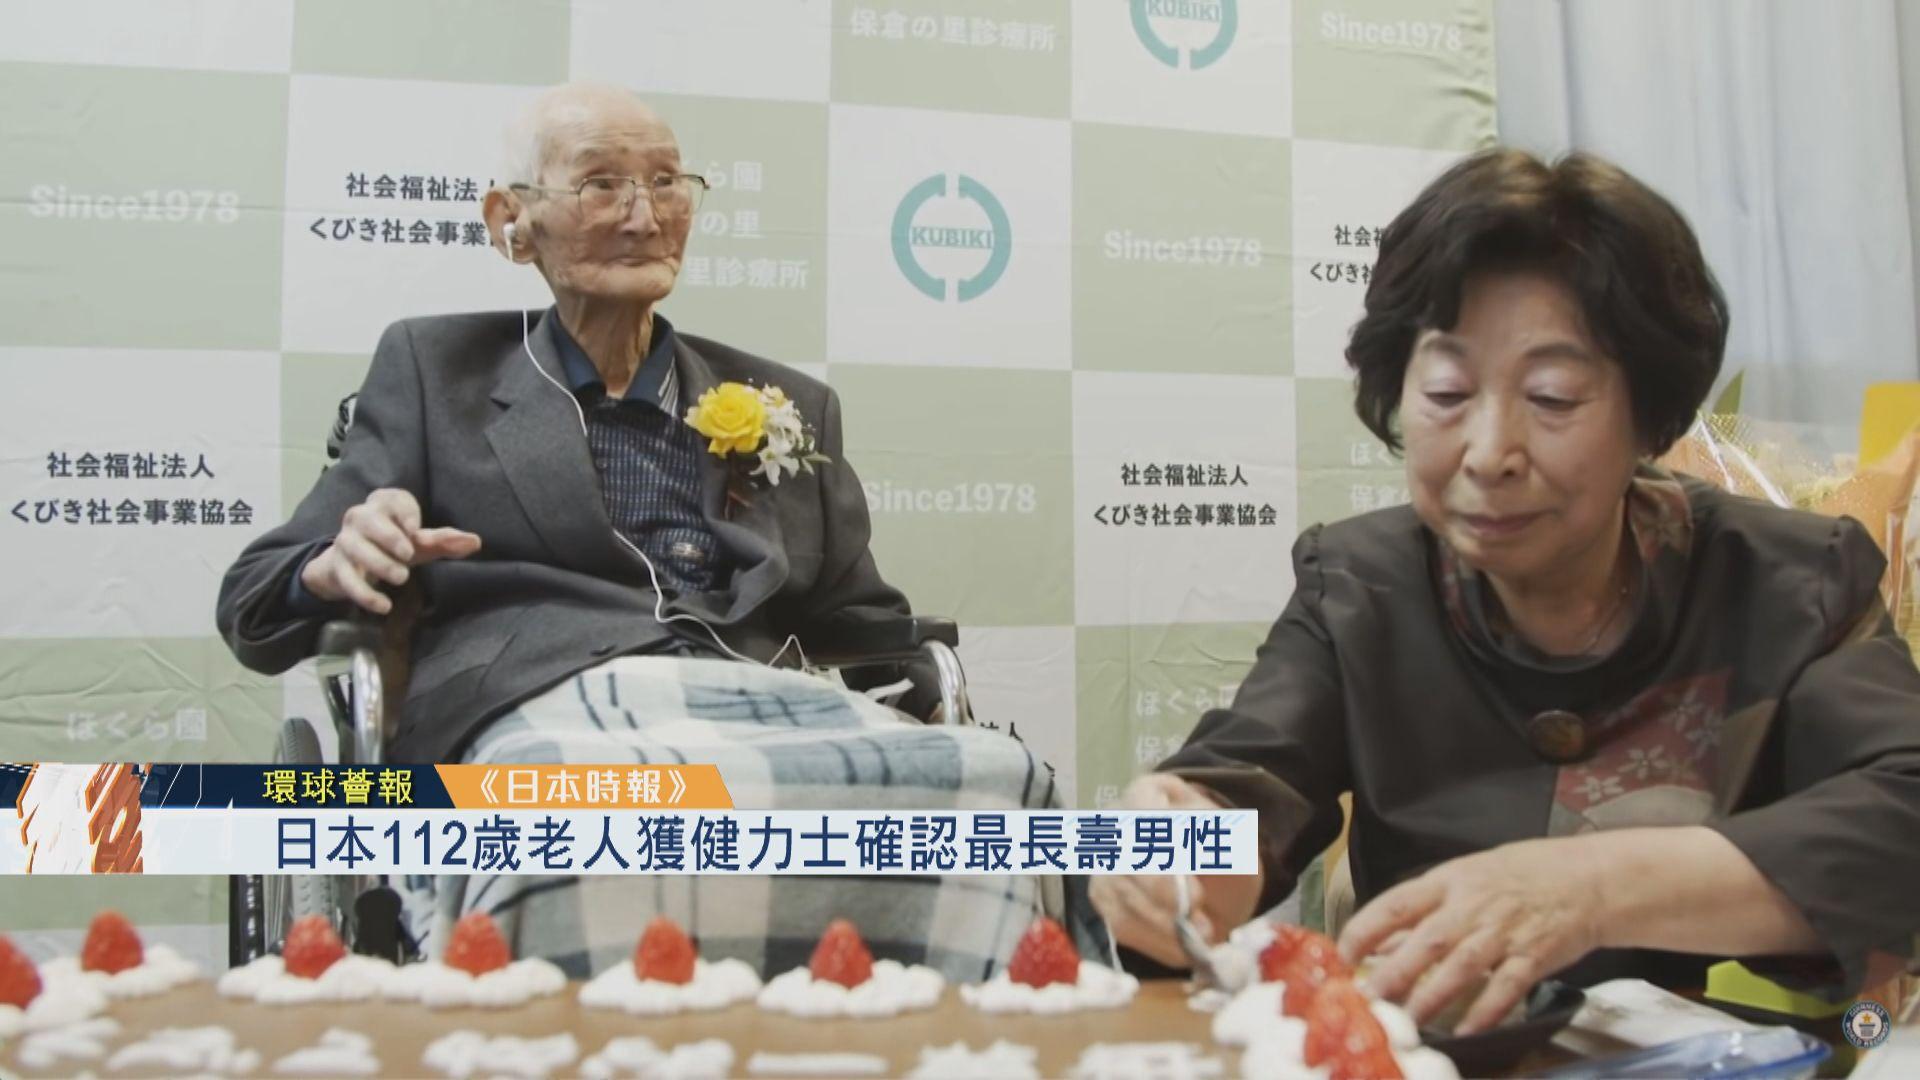 【環球薈報】日本112歲老人獲健力士確認最長壽男性